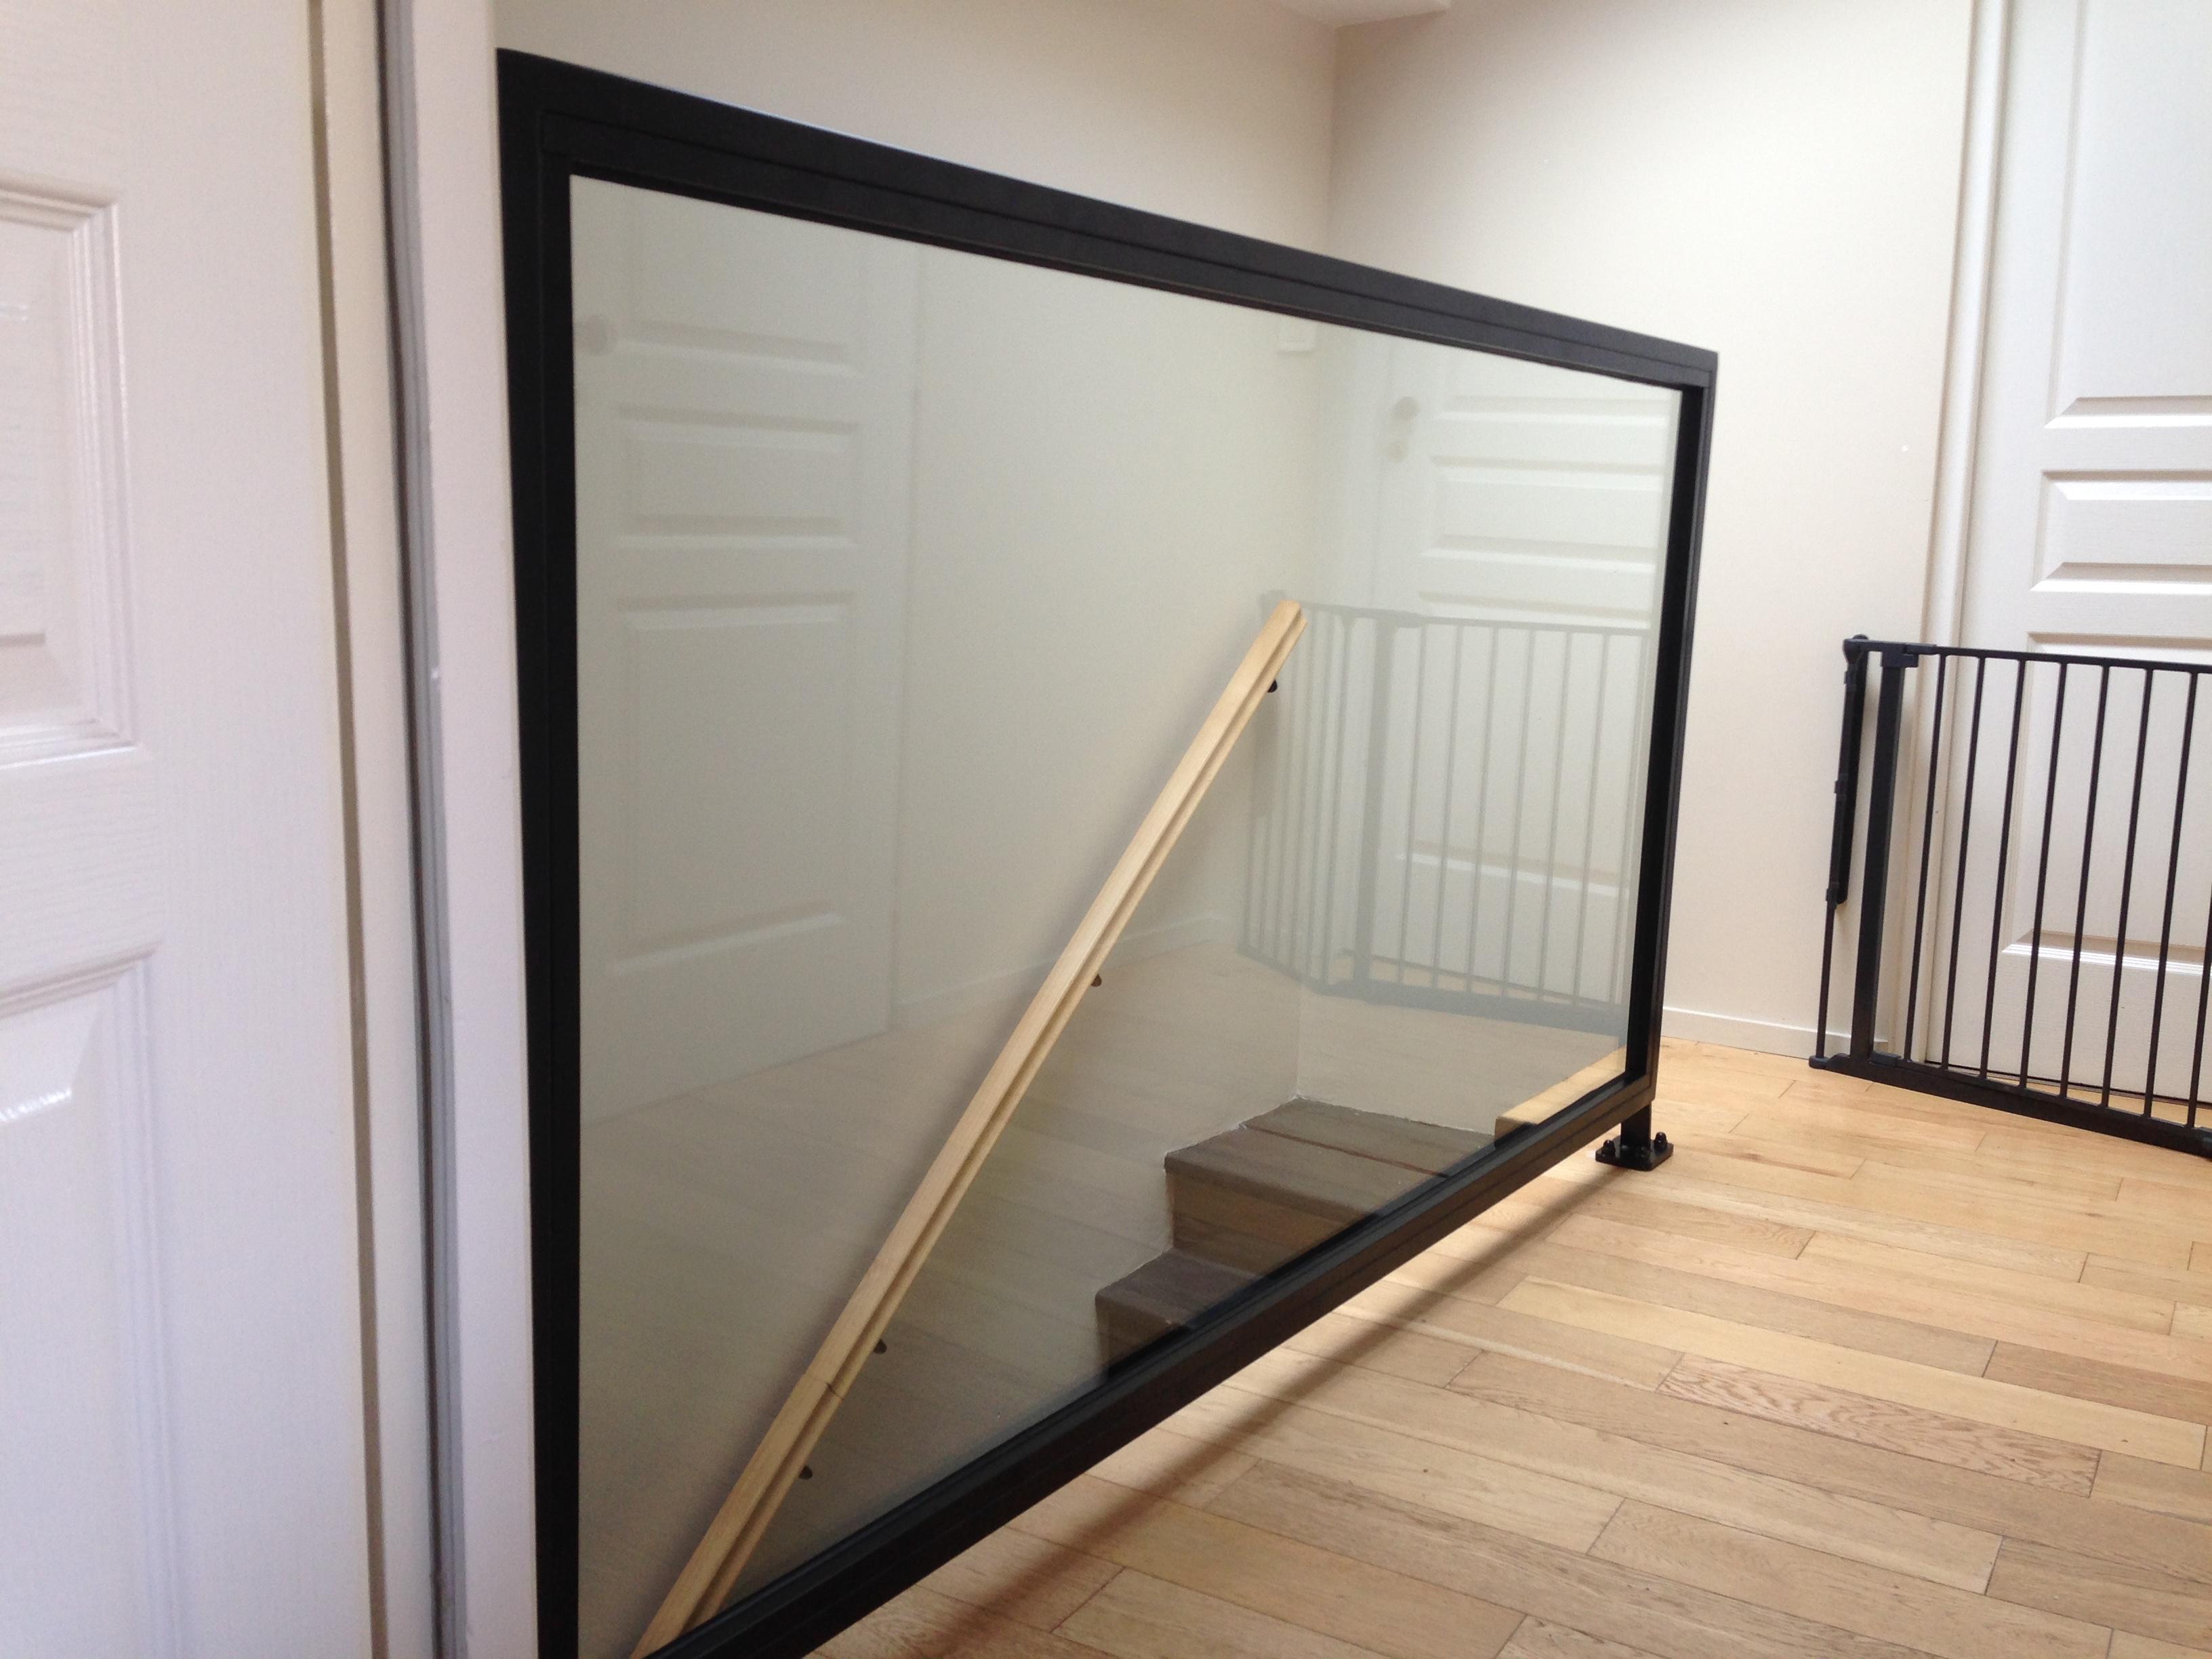 garde corps sur mesure m tal et verre m tallier bordeaux. Black Bedroom Furniture Sets. Home Design Ideas